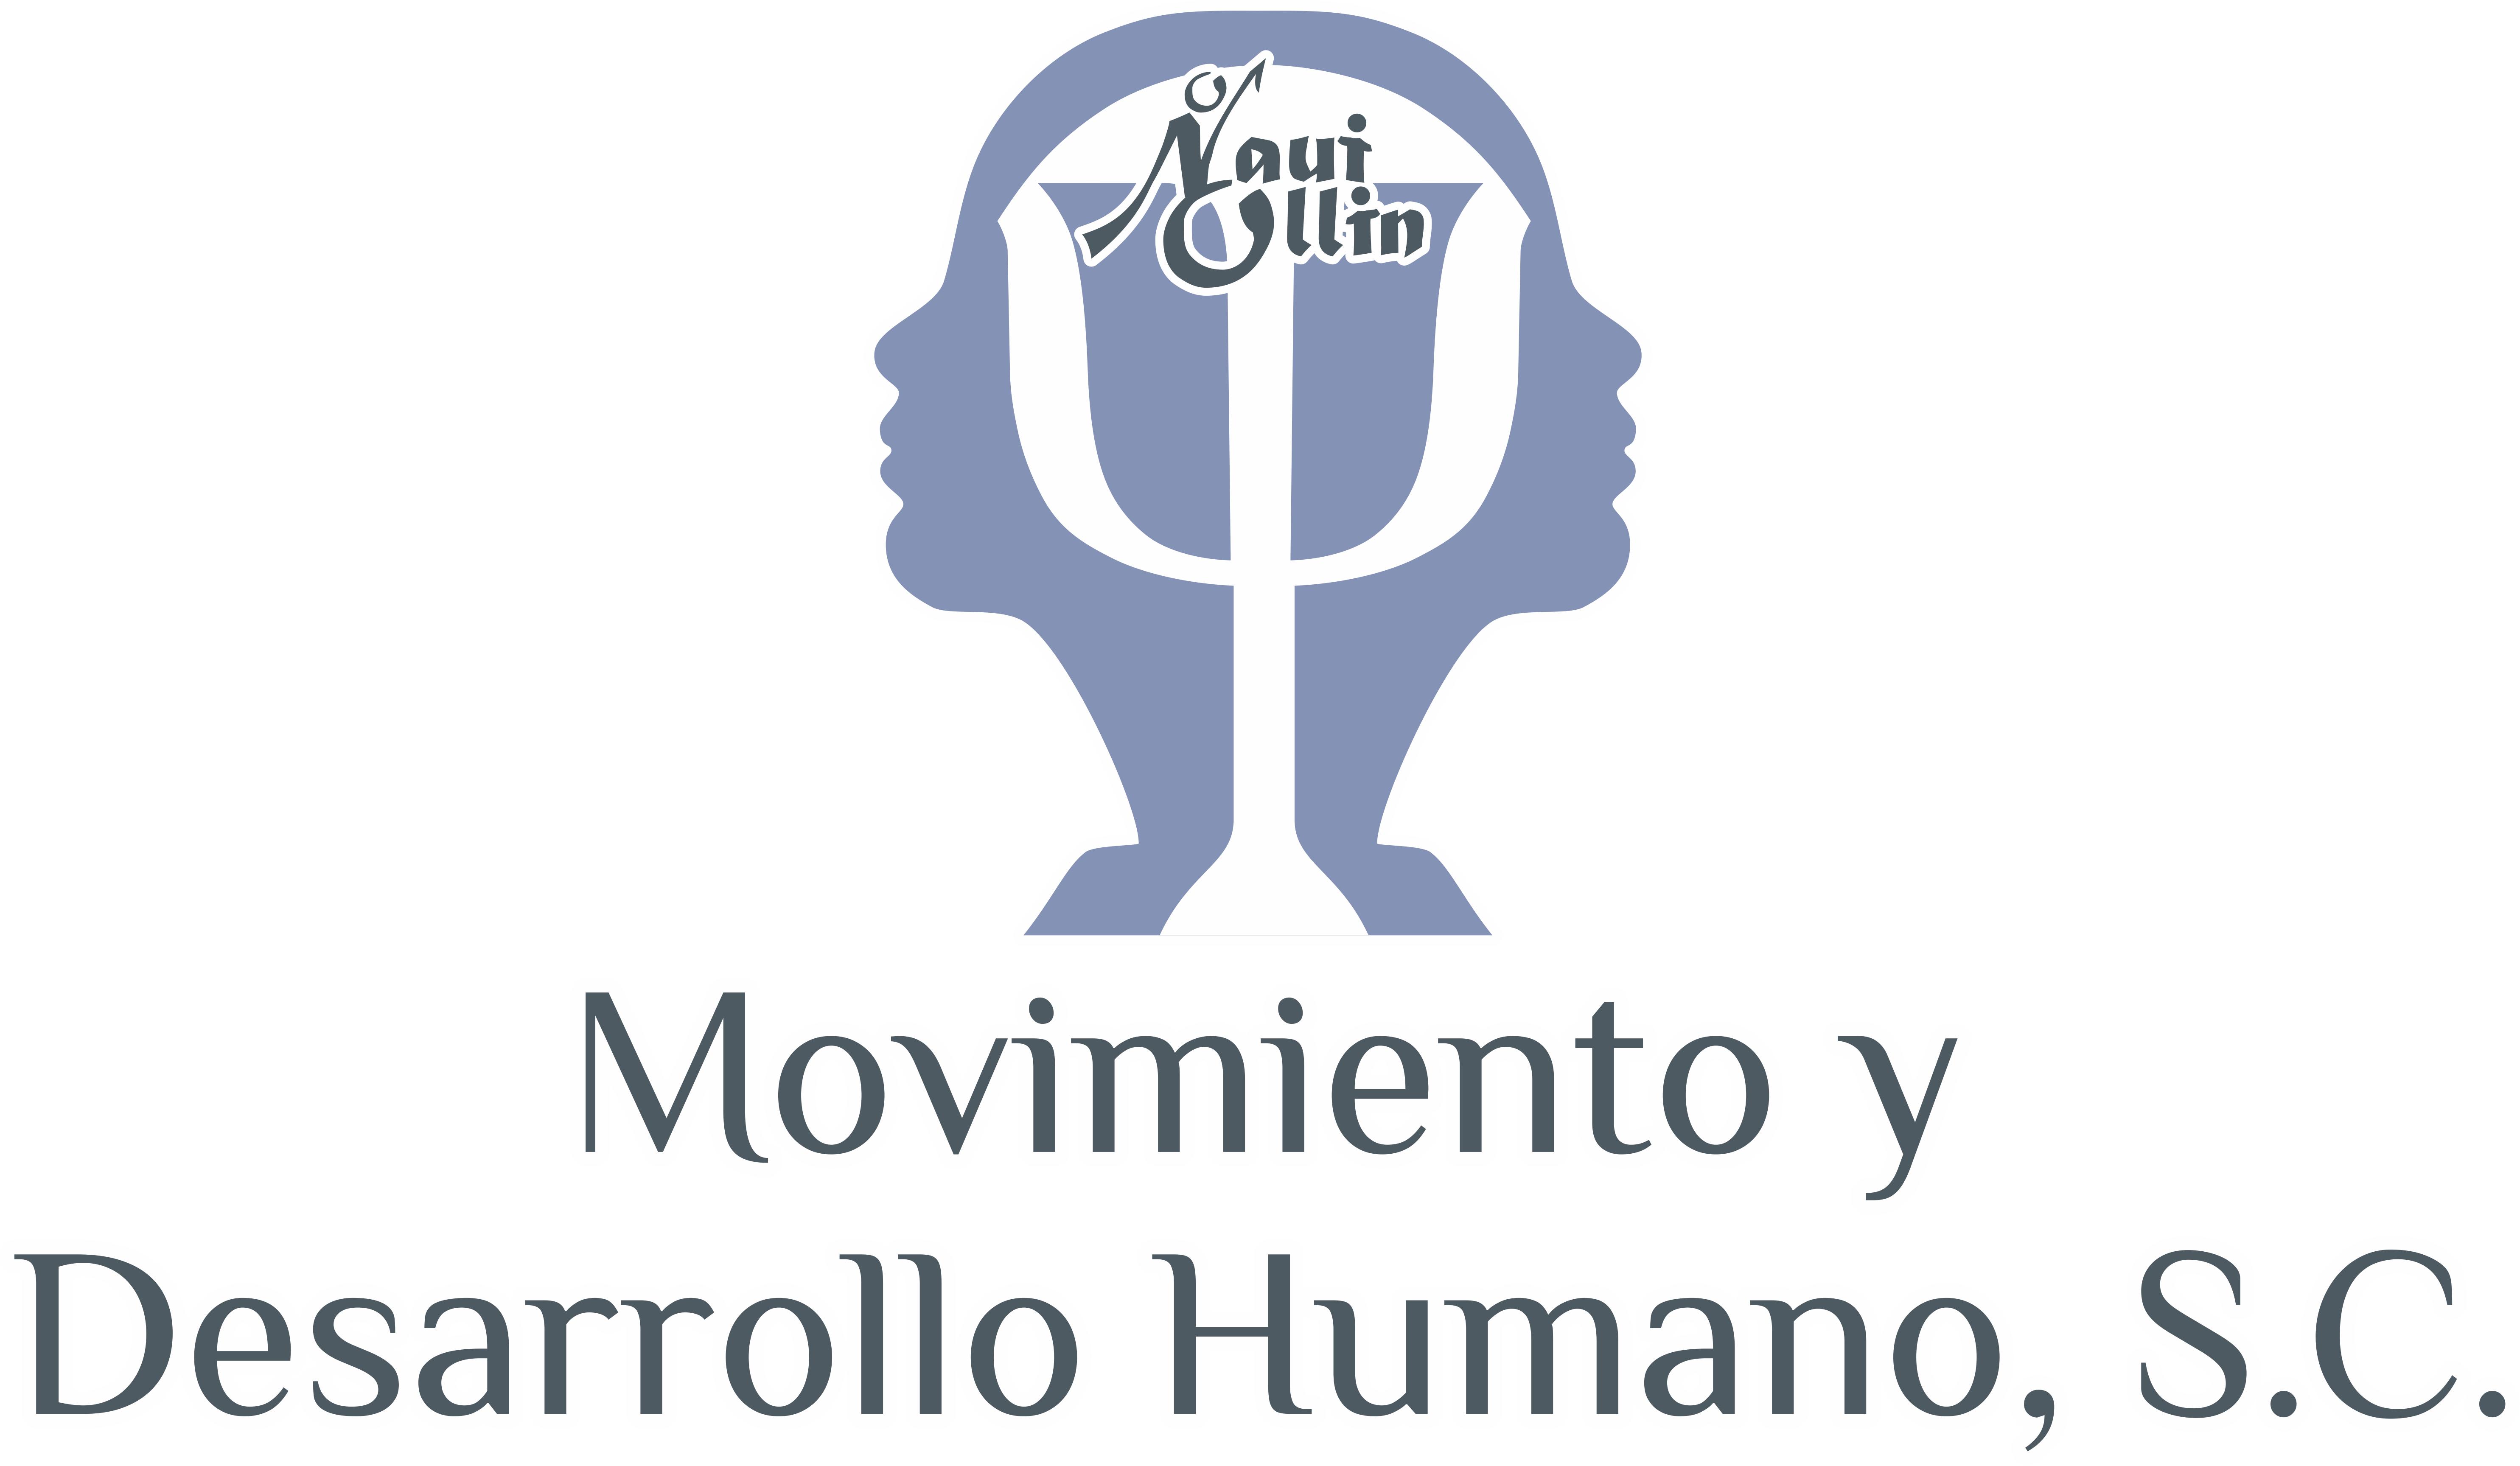 NAUI OLLIN, MOVIMIENTO Y DESARROLLO HUMANO SC